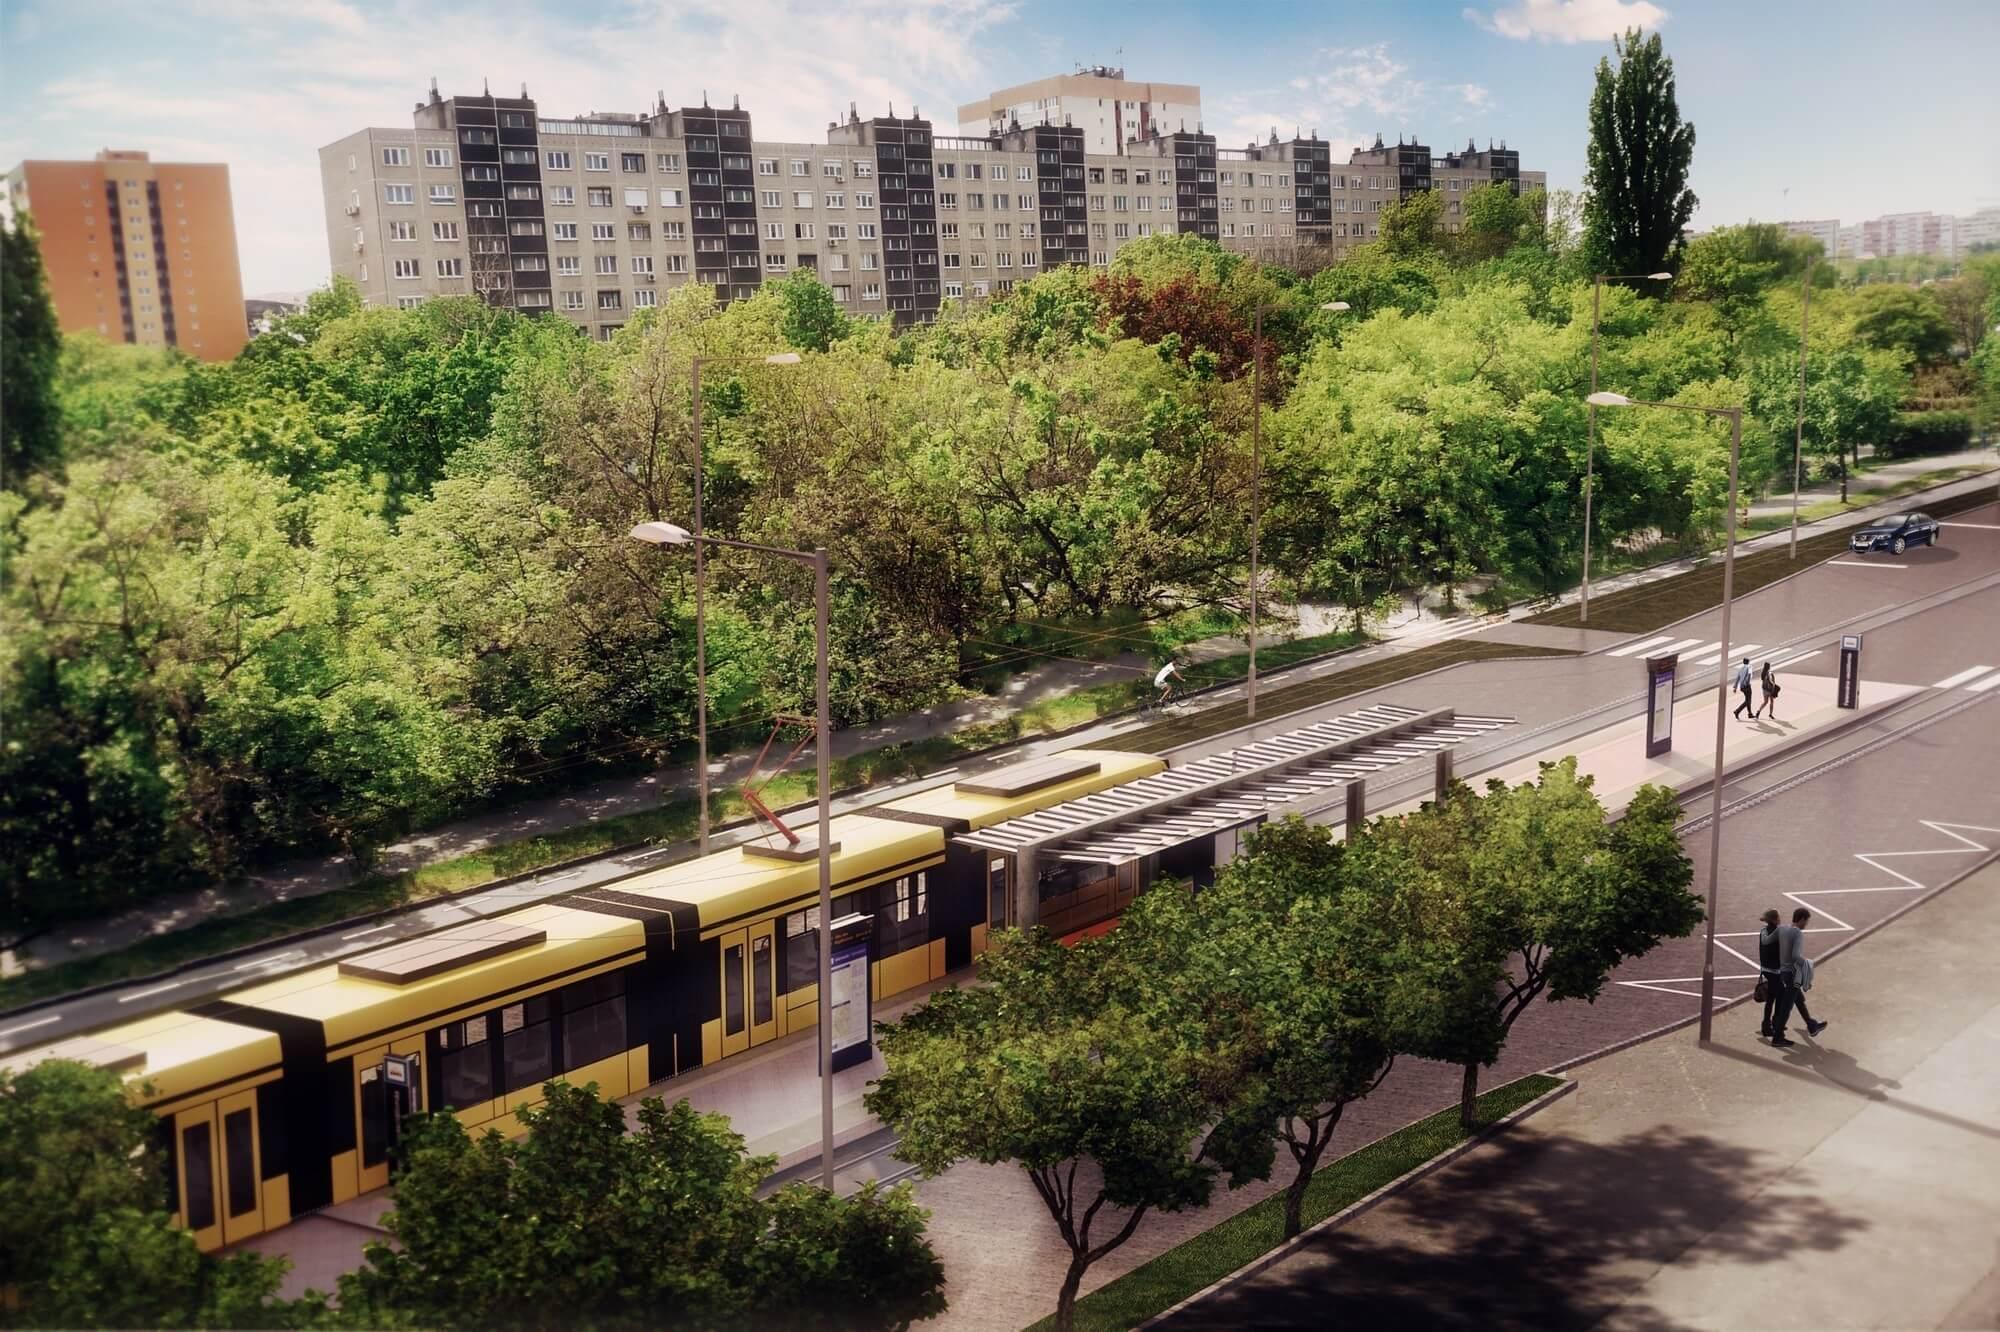 Hamarosan meghosszabbított szakaszon közlekedhet az 1-es villamos